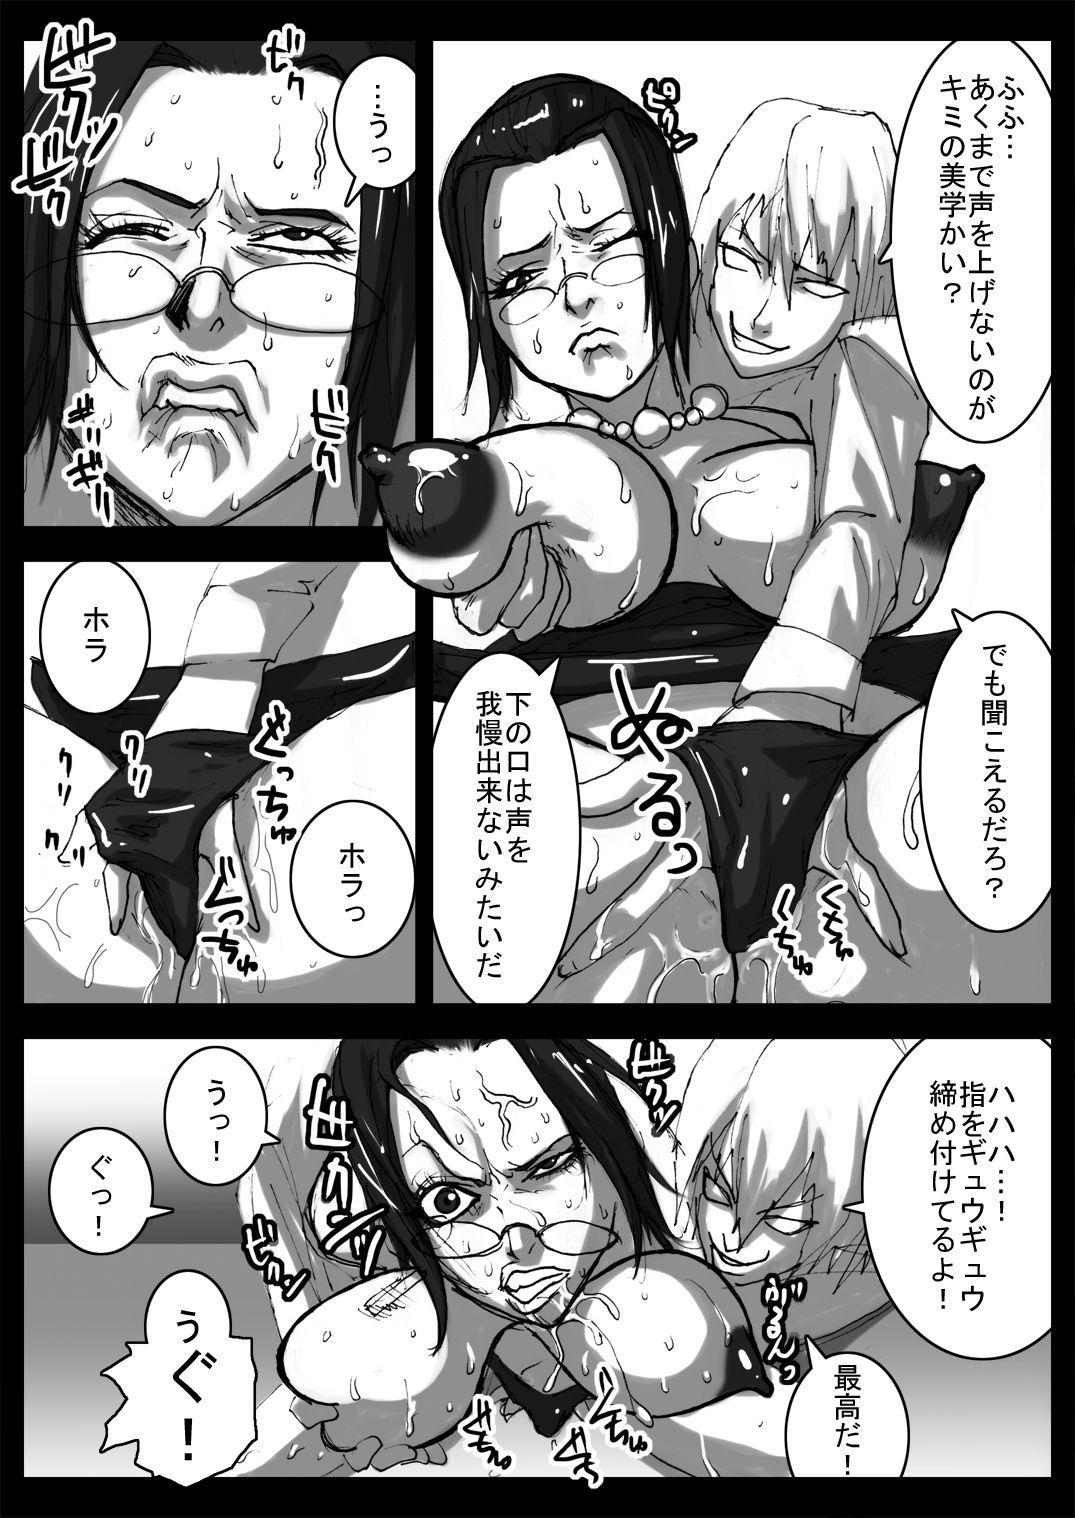 Megane de Bakunyuu no Kanbu o Himitsu Kaigi de Aheahe 27